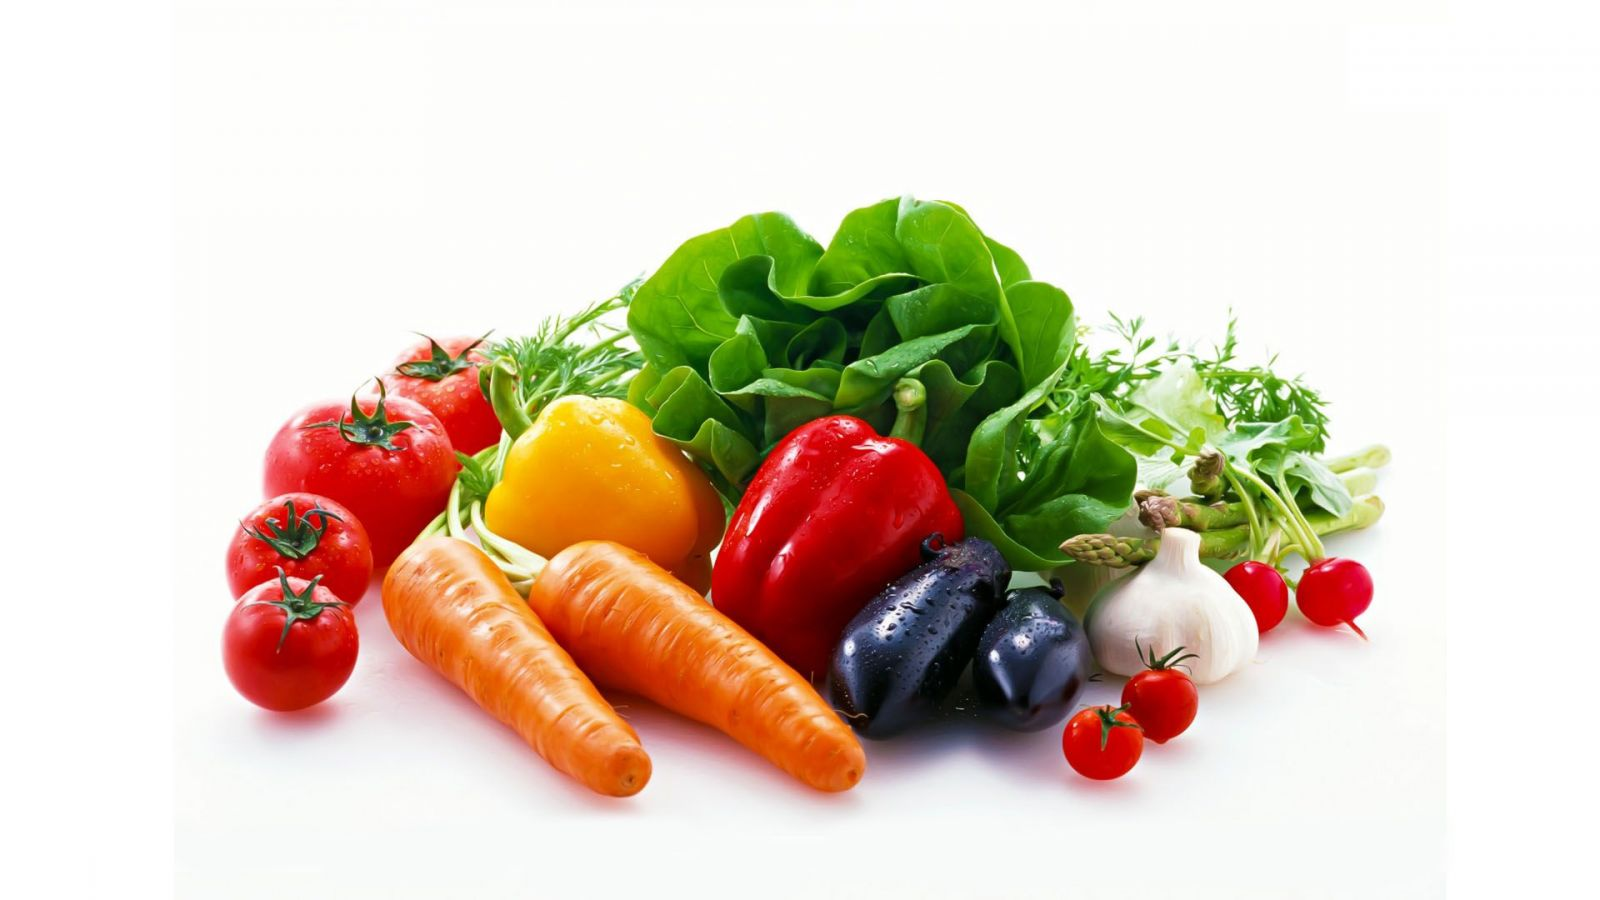 Белковая диета для вегетарианцев: как это возможно?